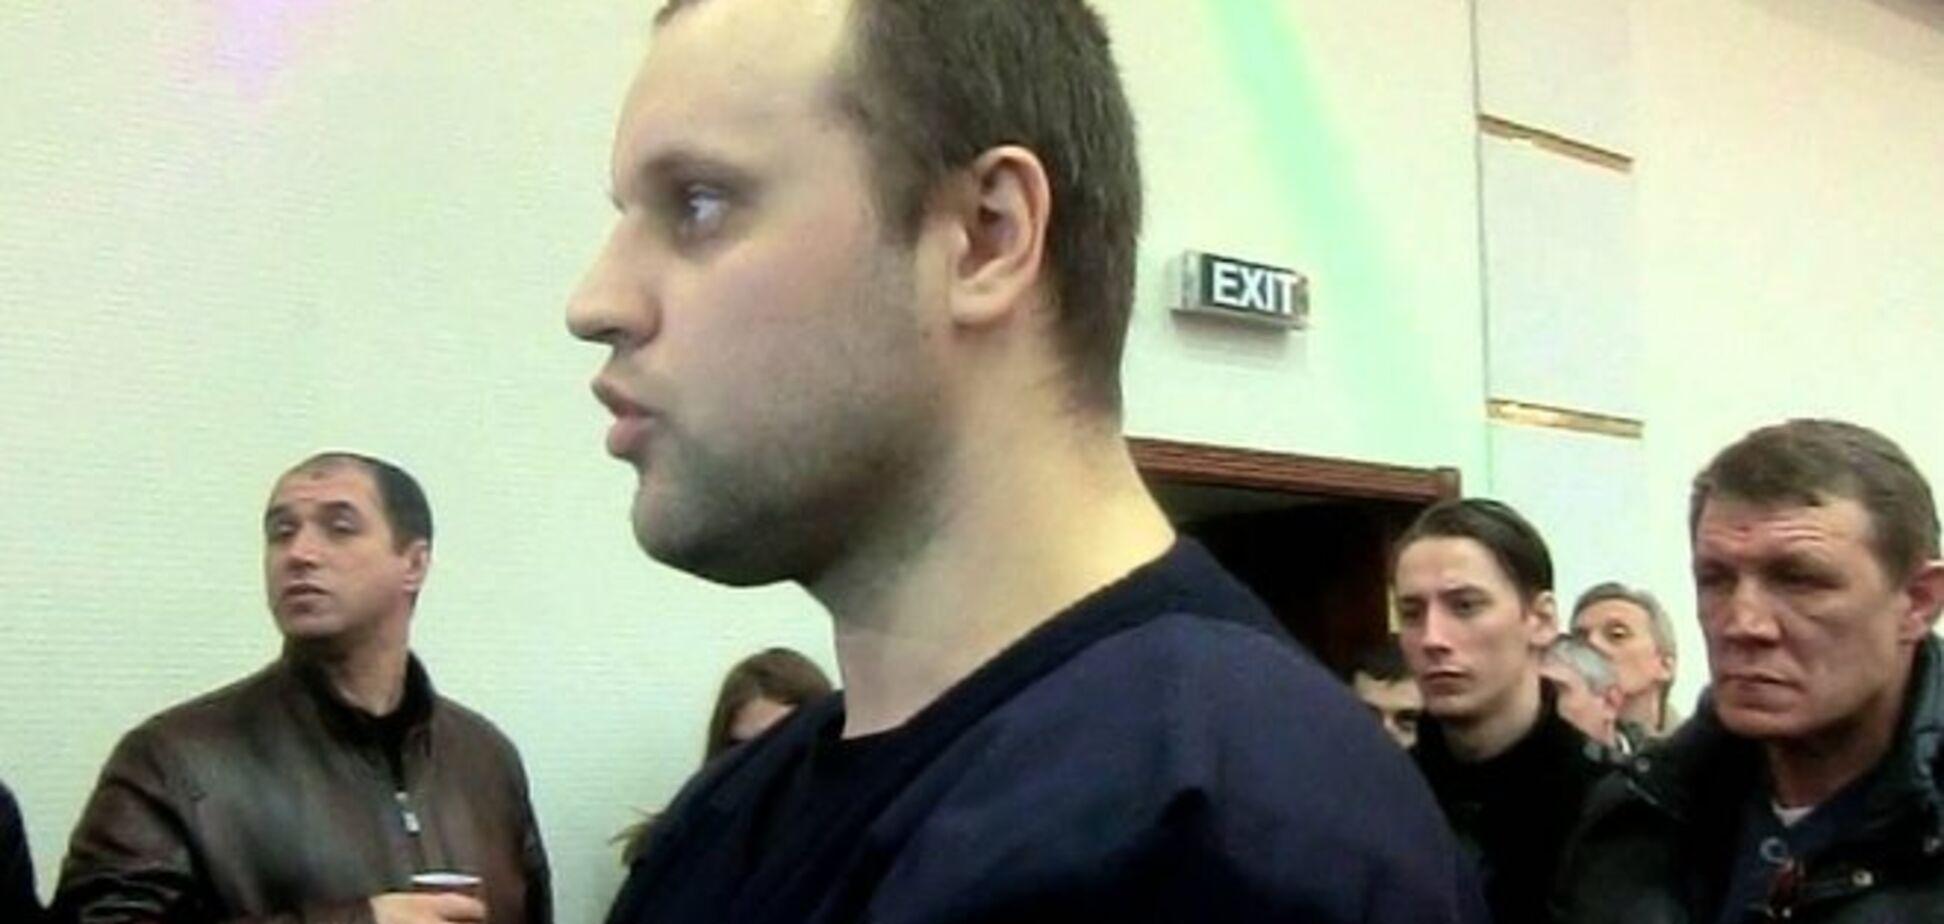 Террориста 'ДНР' Губарева выпустили из СИЗО под личное обязательство, но он скрылся